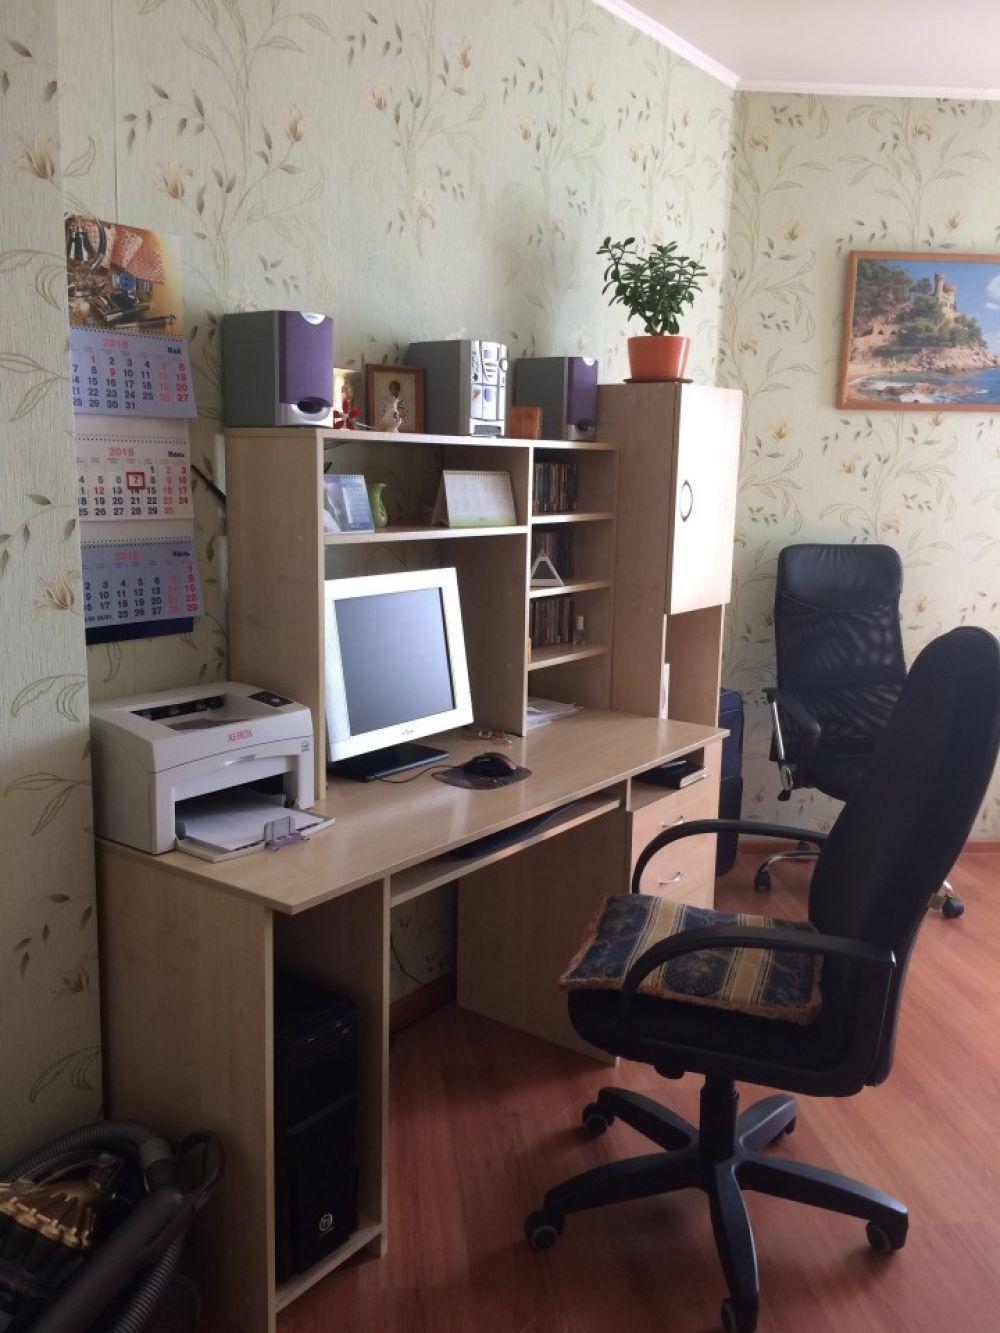 3-к квартира, Щелково, улица Шмидта, 6, фото 10